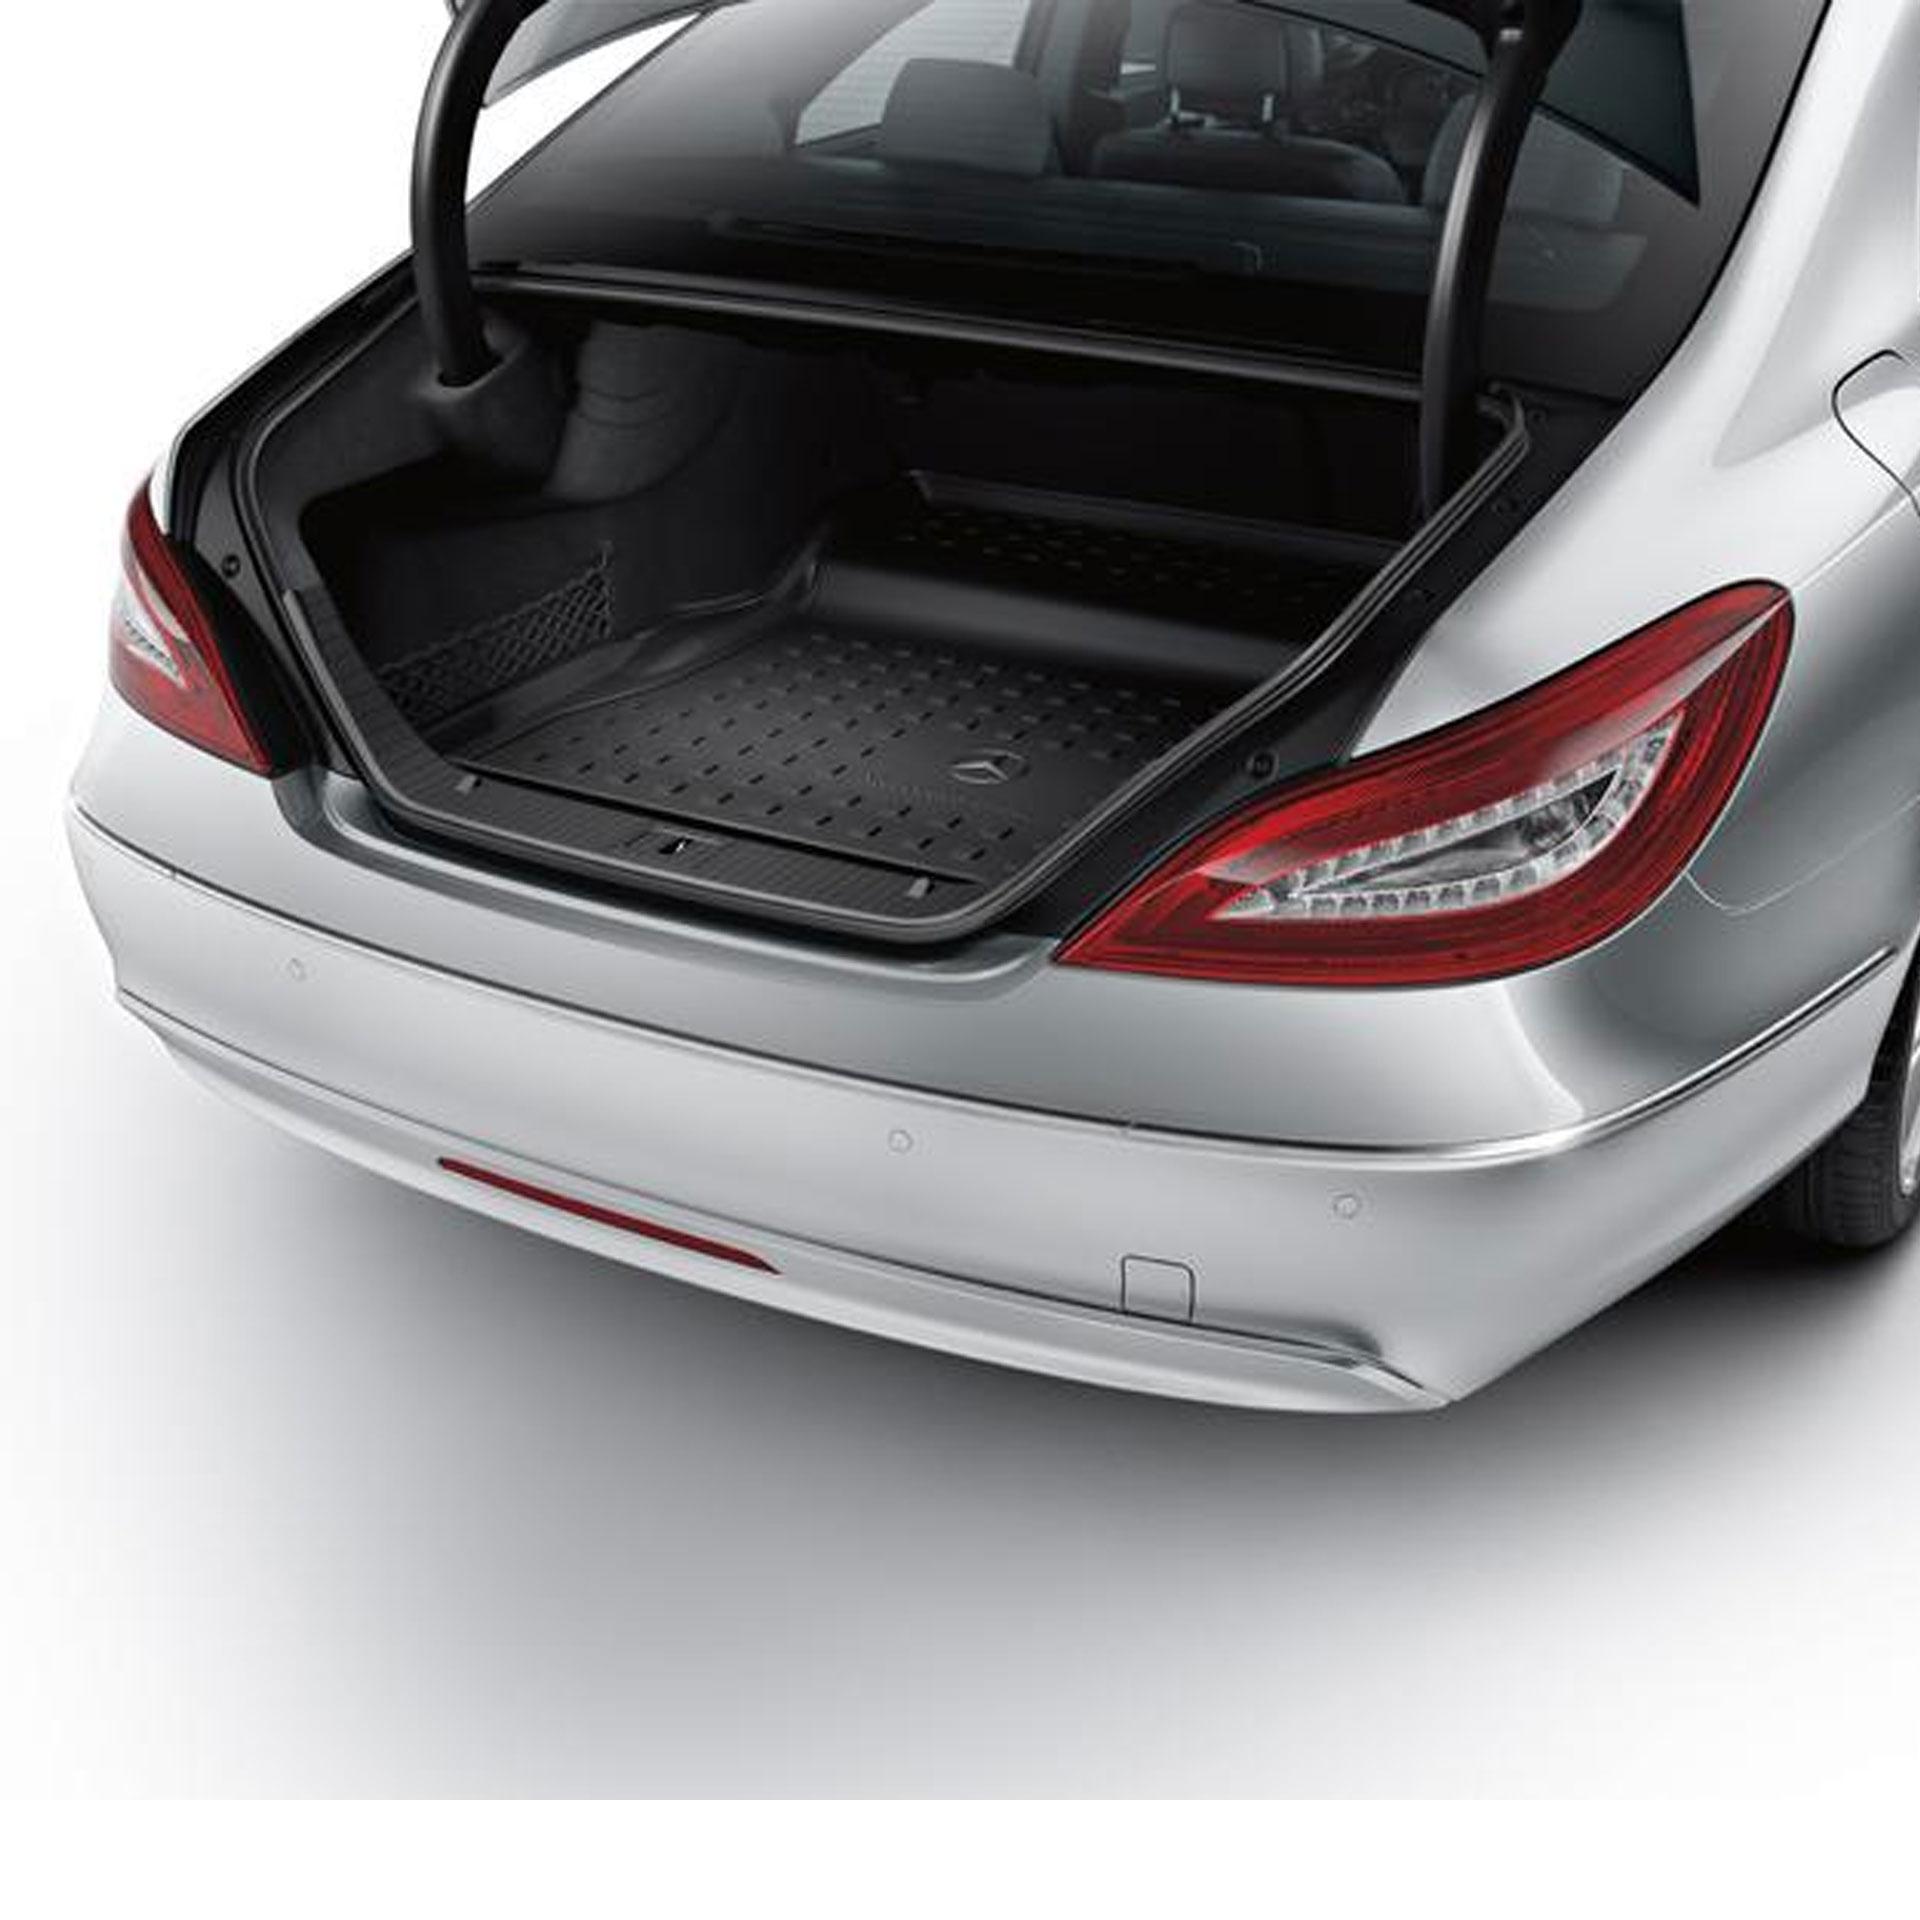 Mercedes-Benz Kofferraumwanne flach für CLS (X218)